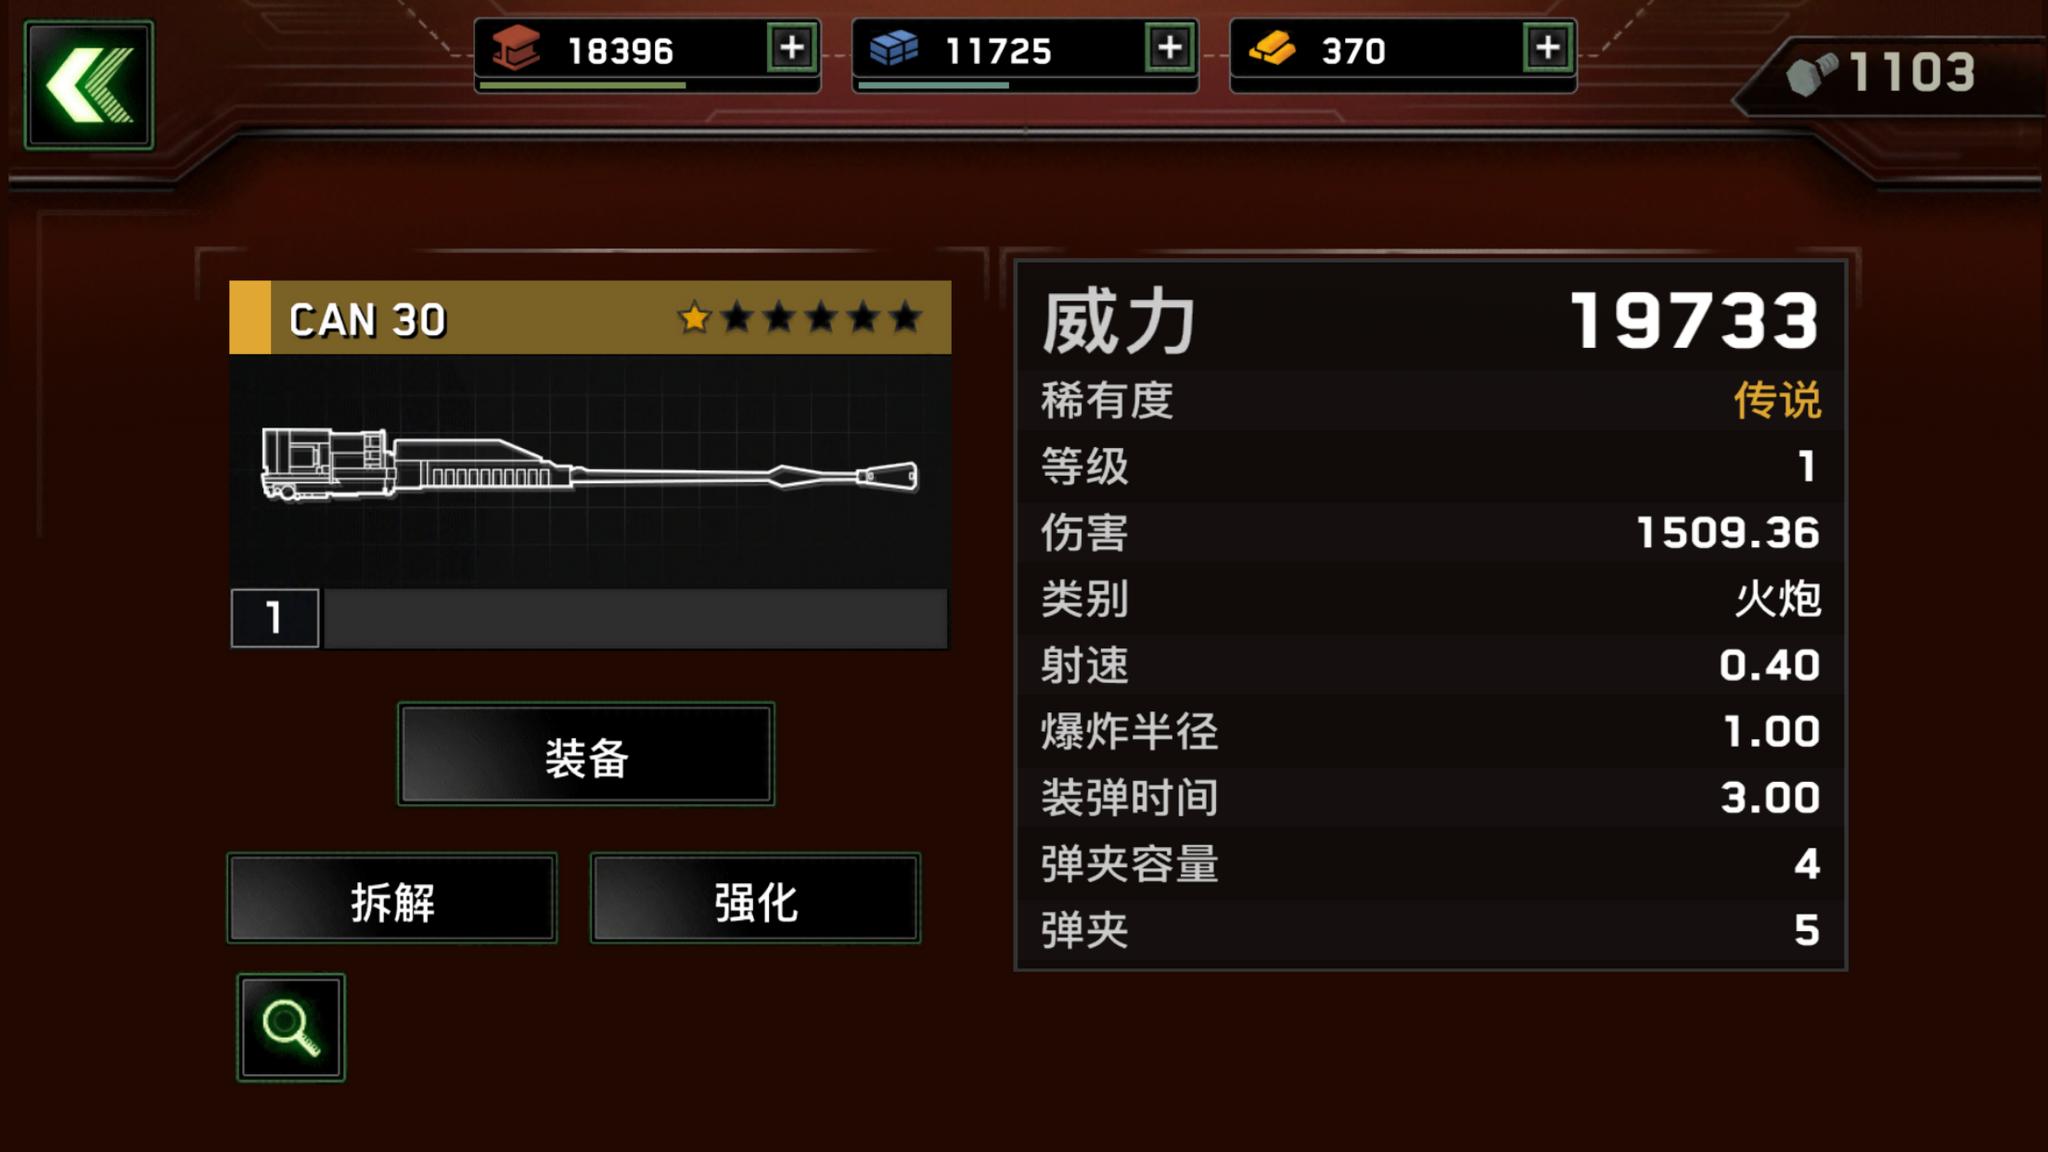 玩这个游戏不到一周,第一个金色武器..感觉这个好垃圾啊😑